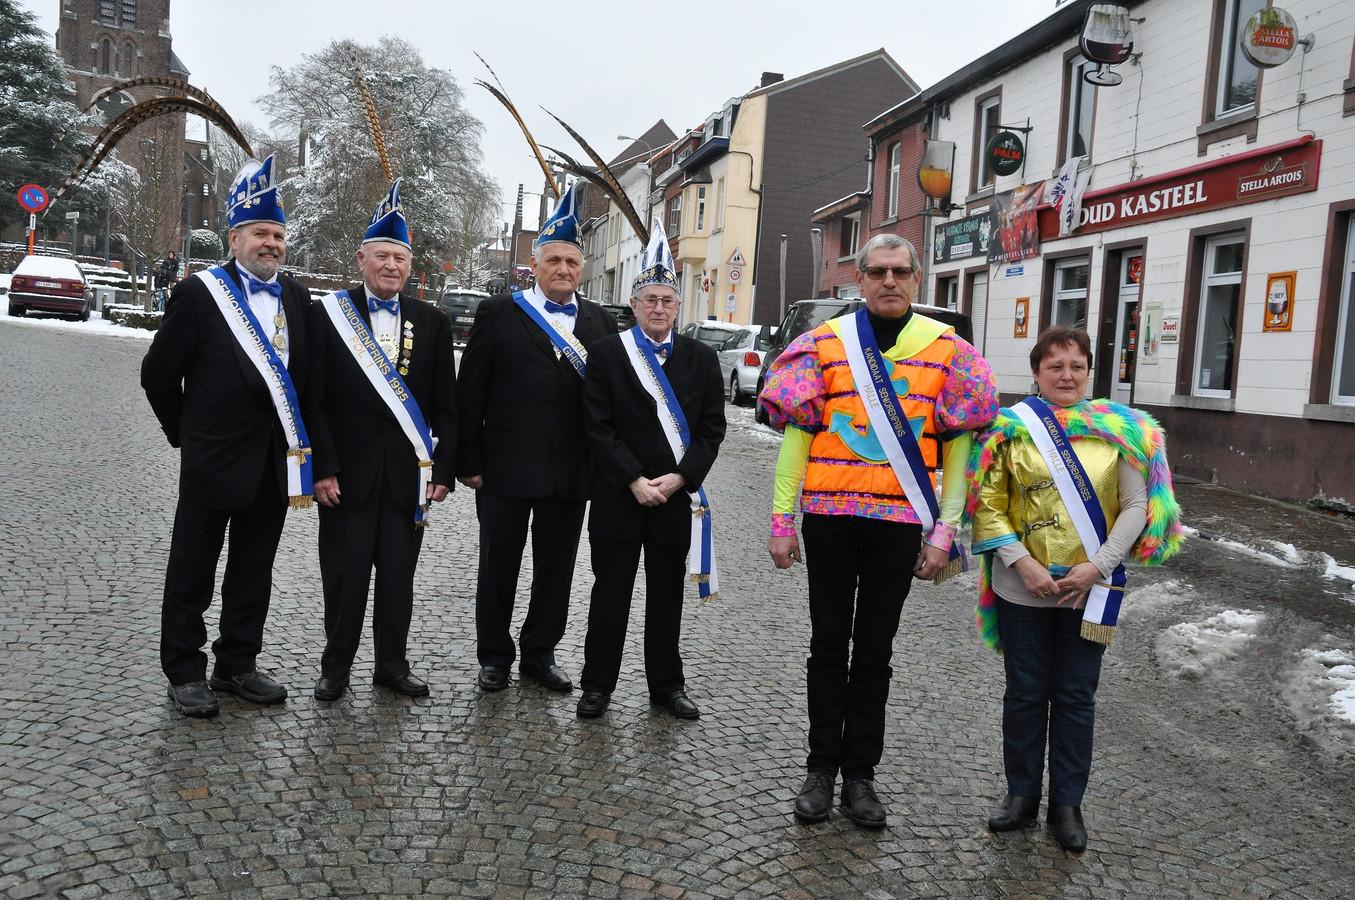 Carnavalisten Jos Vandenhouden (59) en Linda Devogeleer (58) maken zich op om een jaar lang als Seniorenprinsenpaar door het leven te gaan.